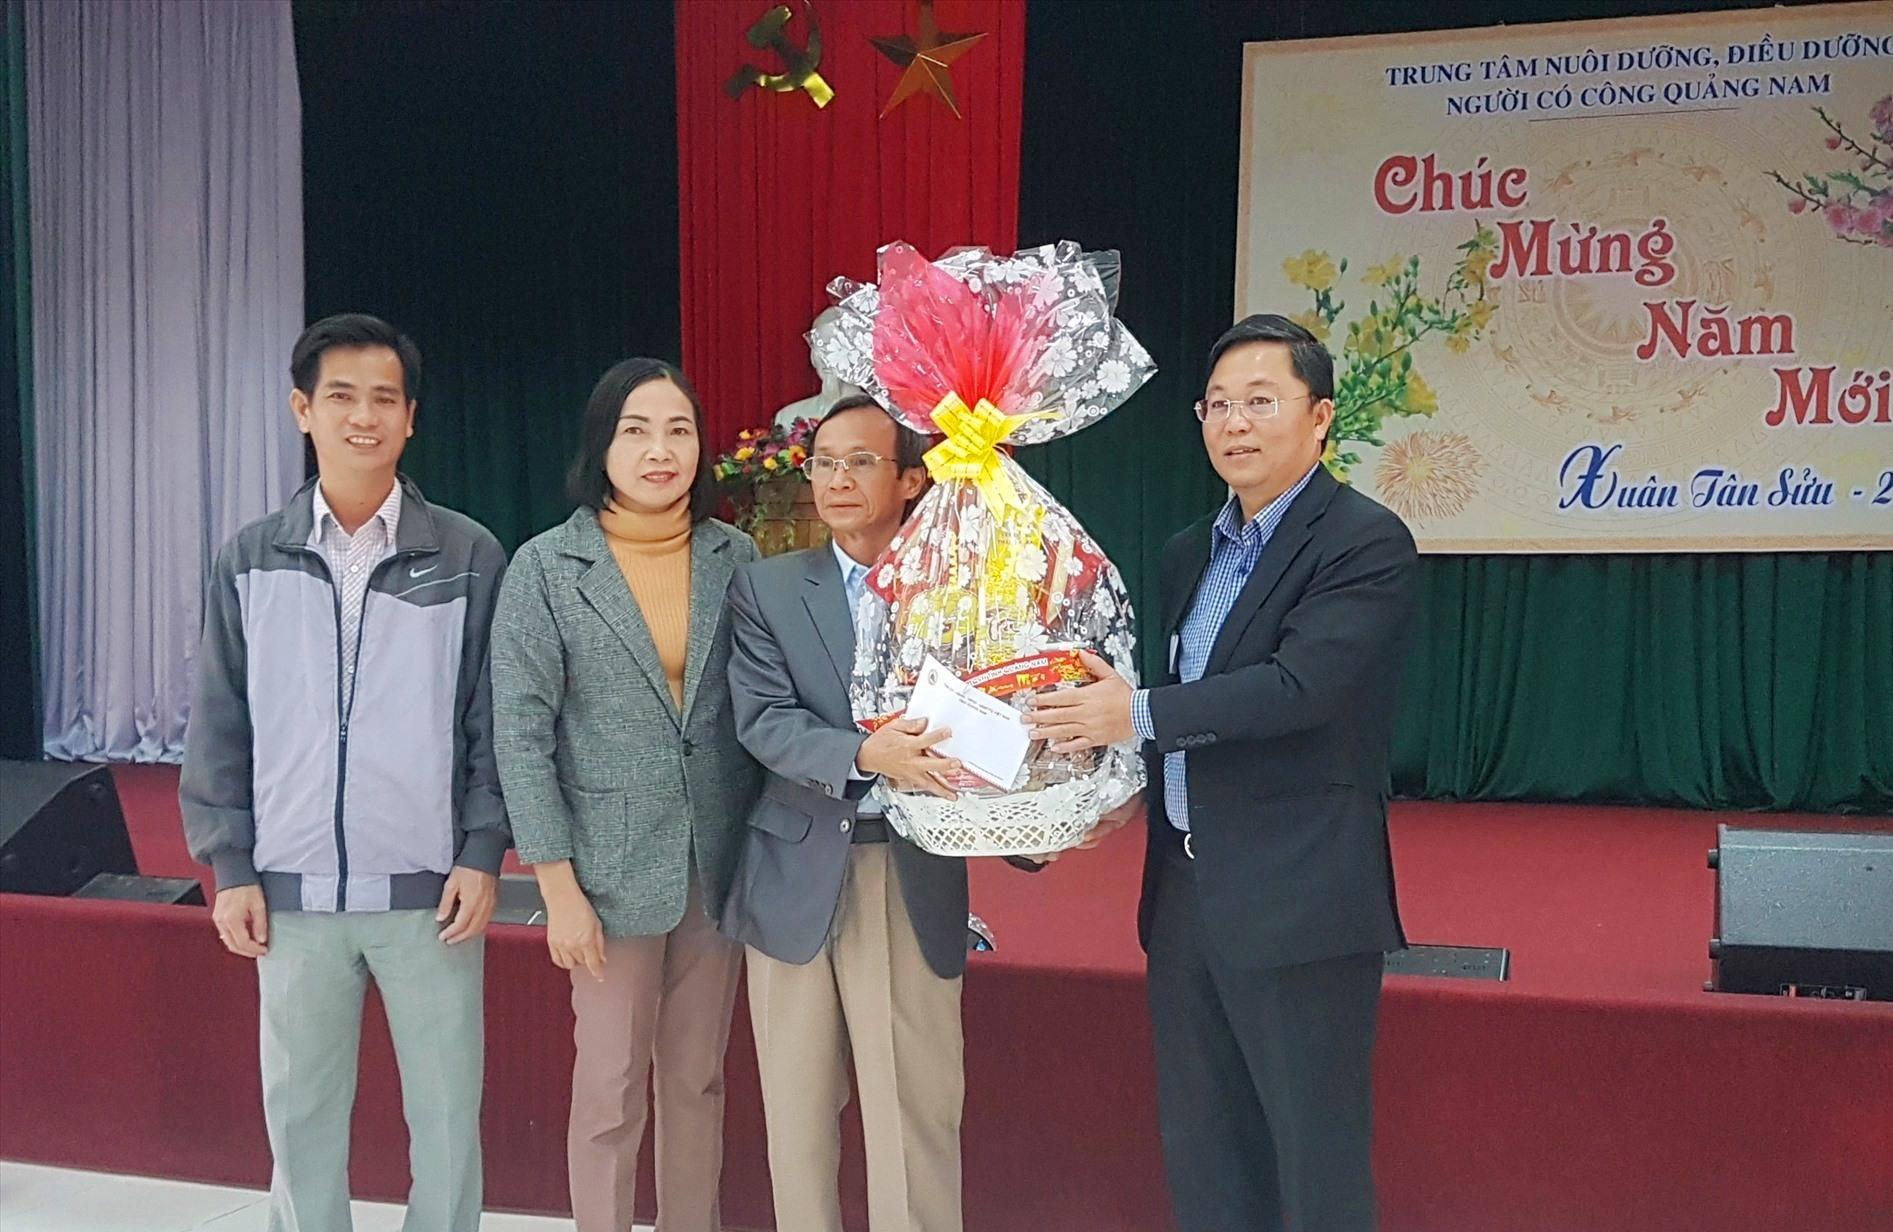 Chủ tịch UBND tỉnh Lê Trí Thanh tặng quà tập thể cán bộ, nhân viên Trung tâm Nuôi dưỡng, điều dưỡng người có công tỉnh. Ảnh: D.L